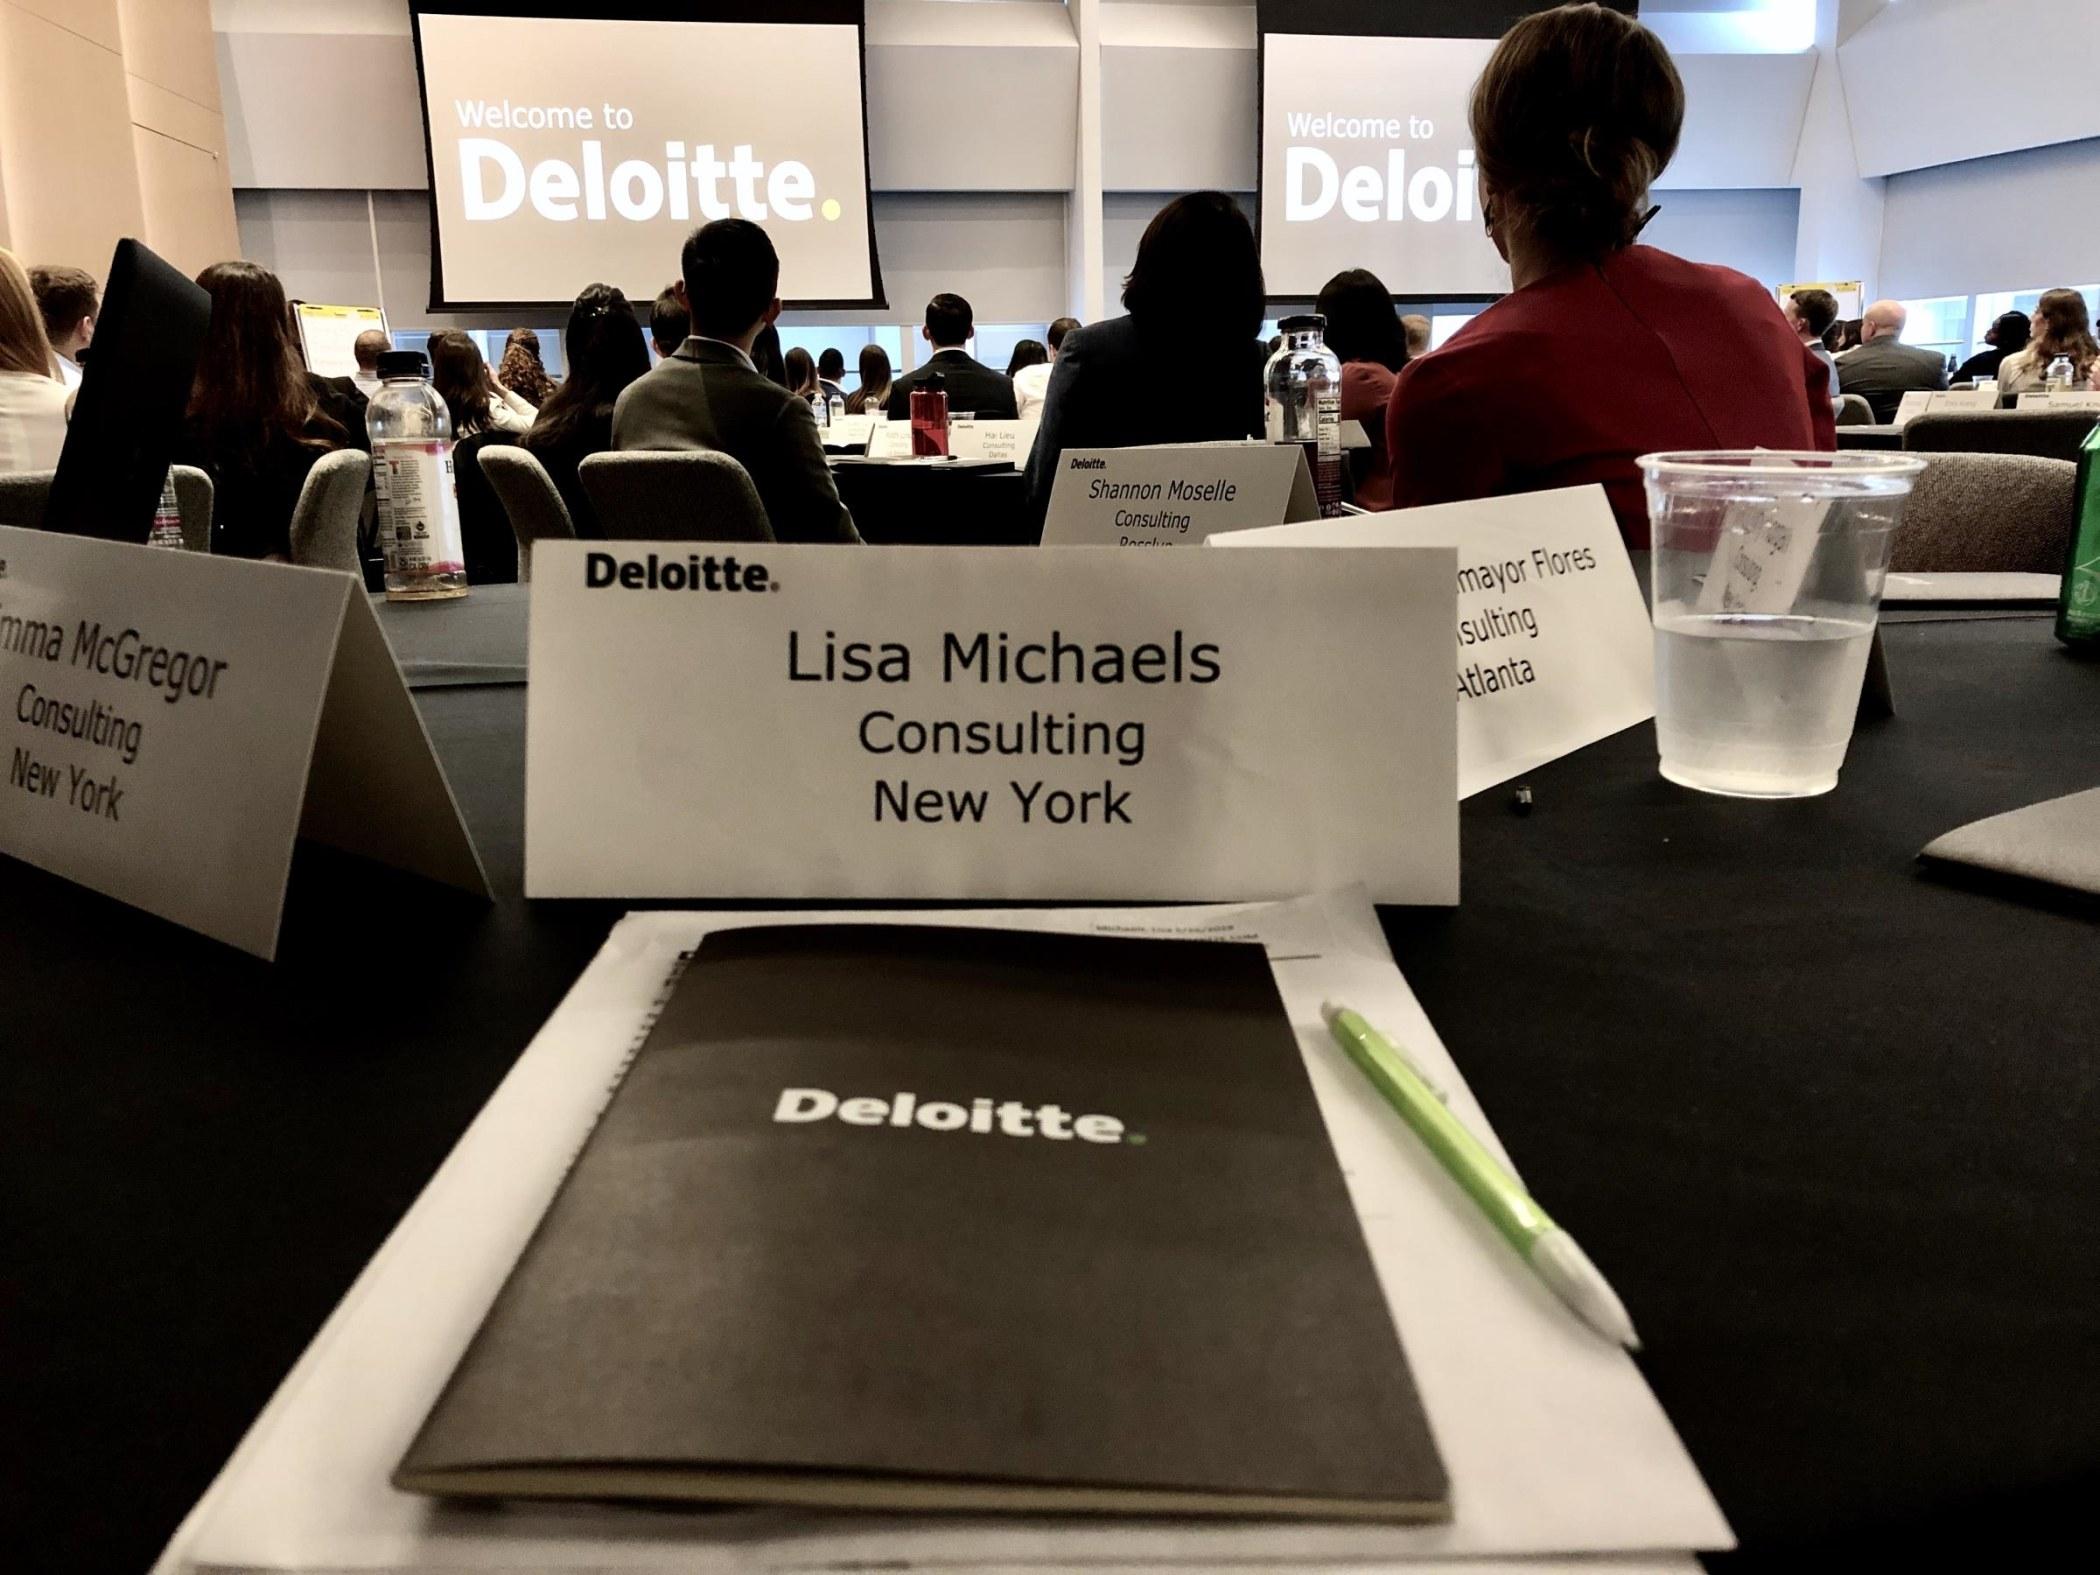 Lisa's name badge and Deloite folder